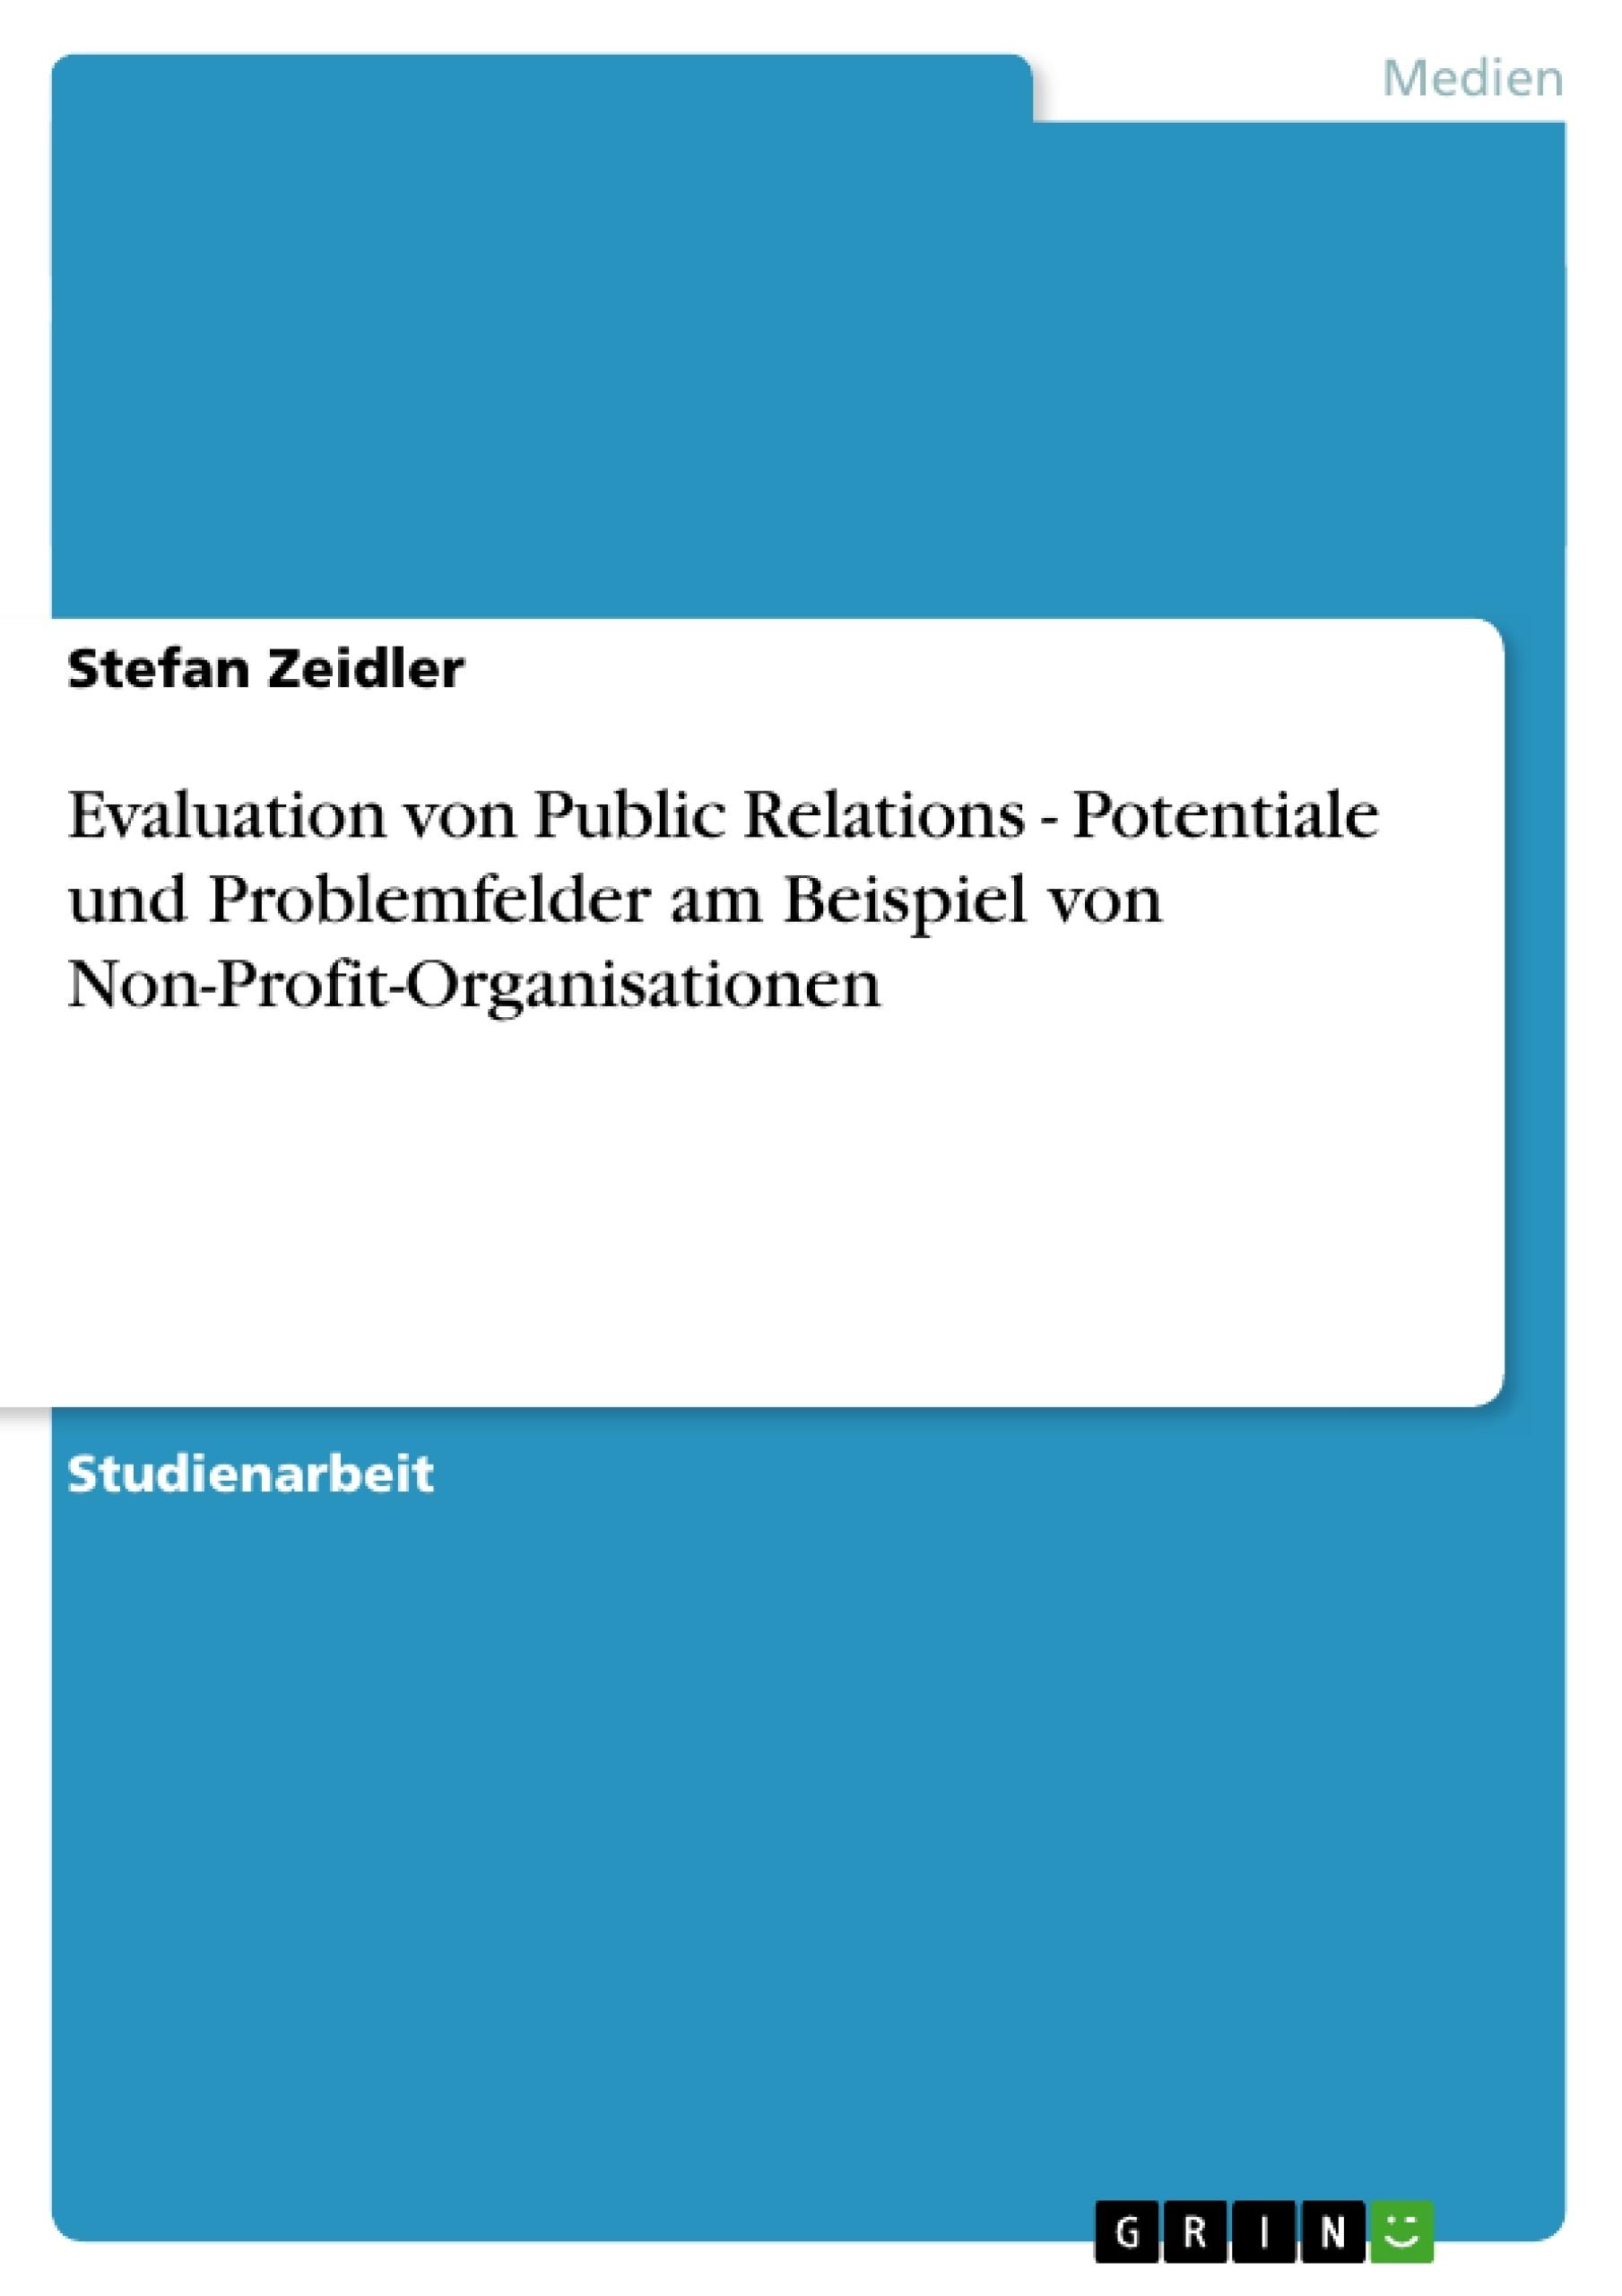 Titel: Evaluation von Public Relations - Potentiale und Problemfelder am Beispiel von Non-Profit-Organisationen